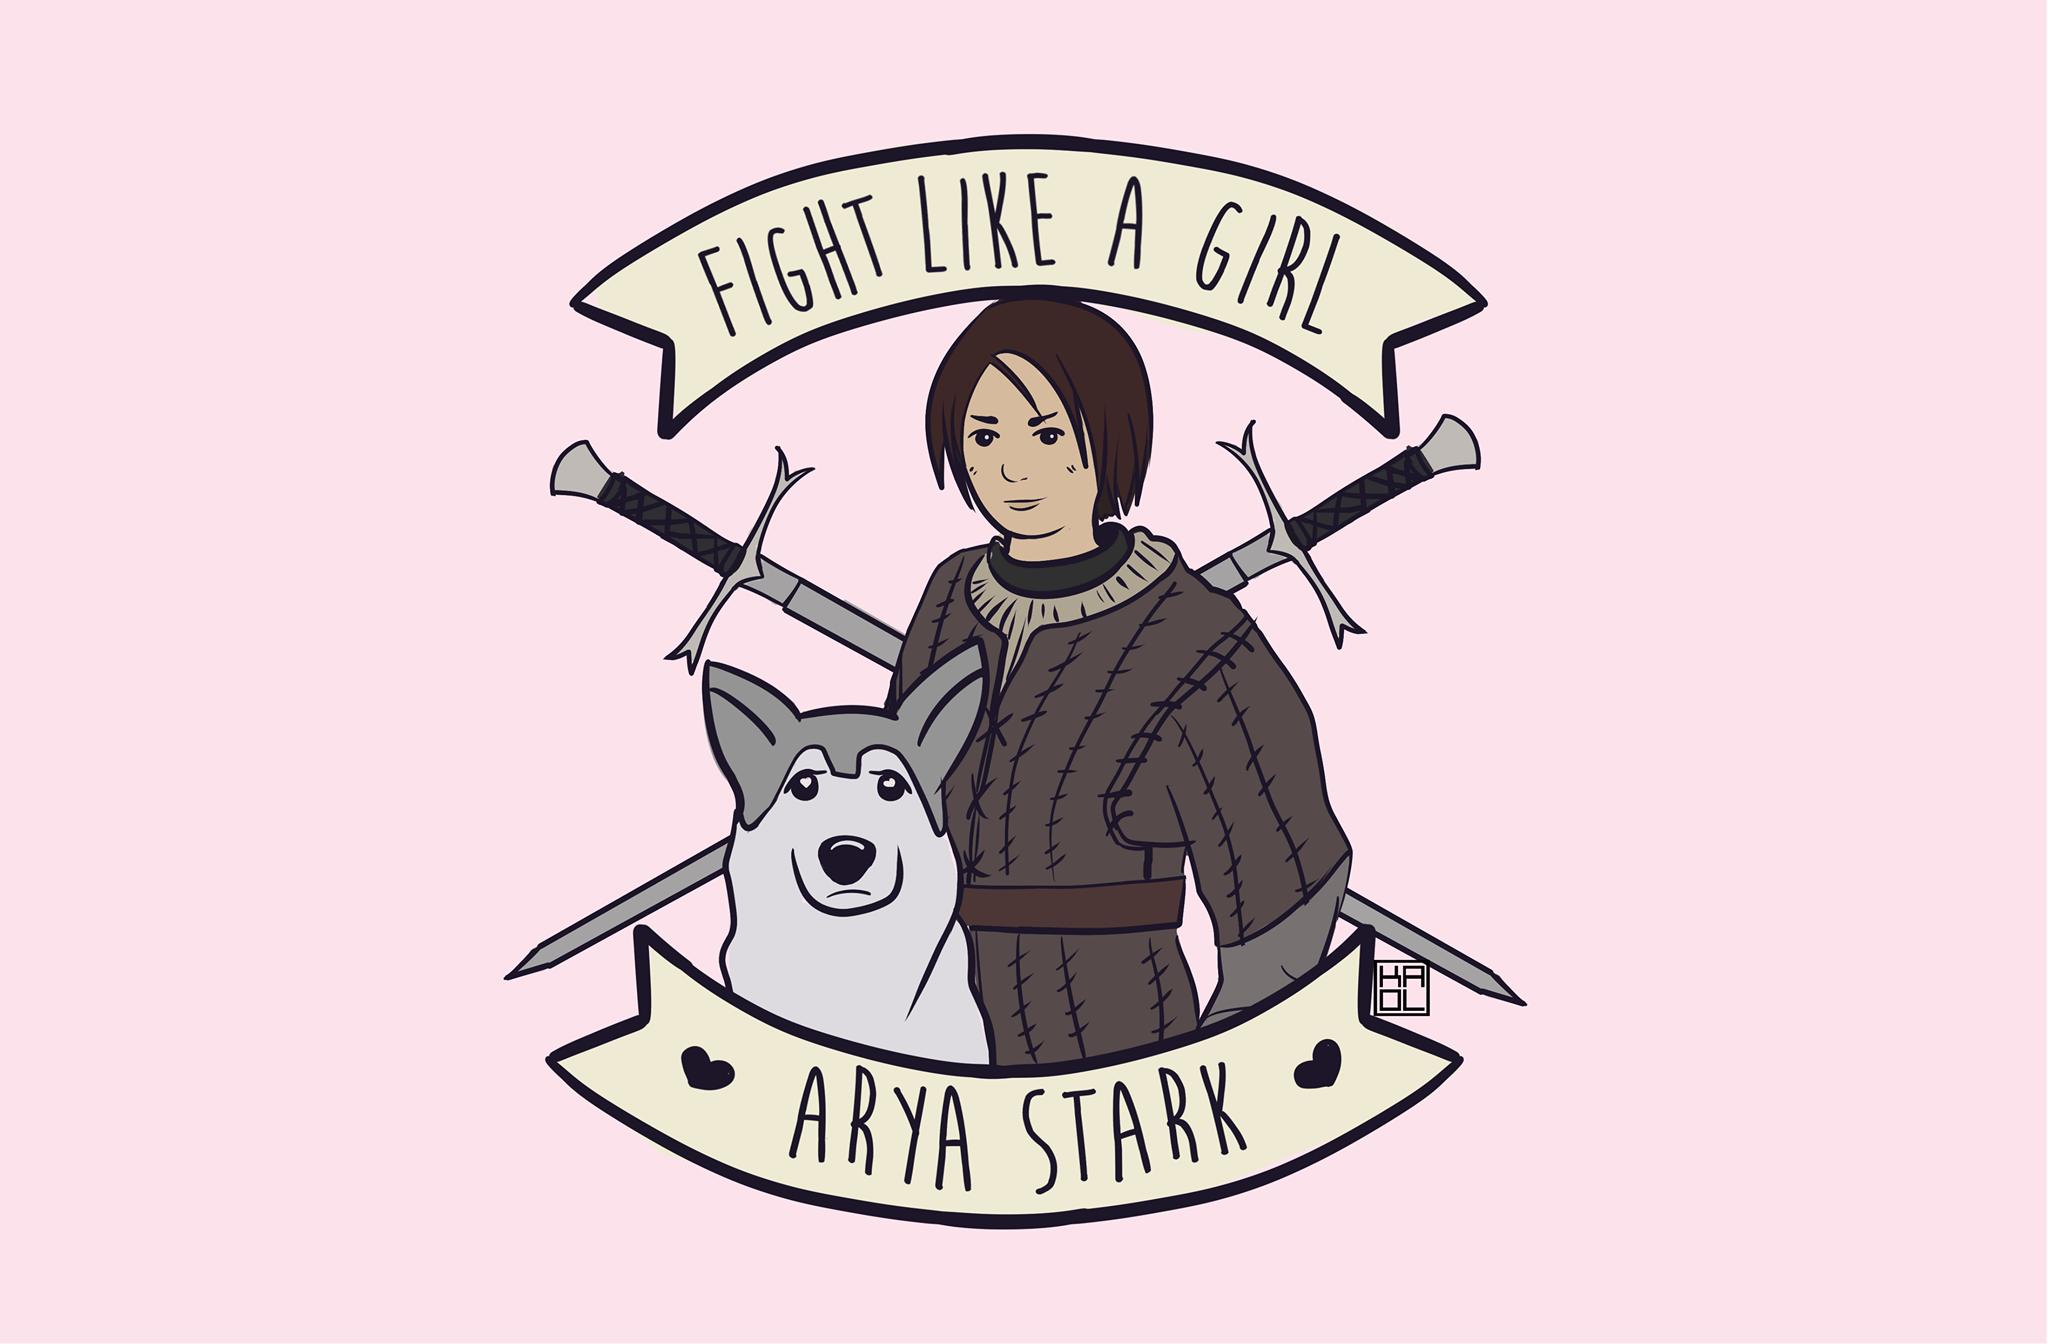 Fight Like A Girl Arya, Hay una lesbiana en mi sopa